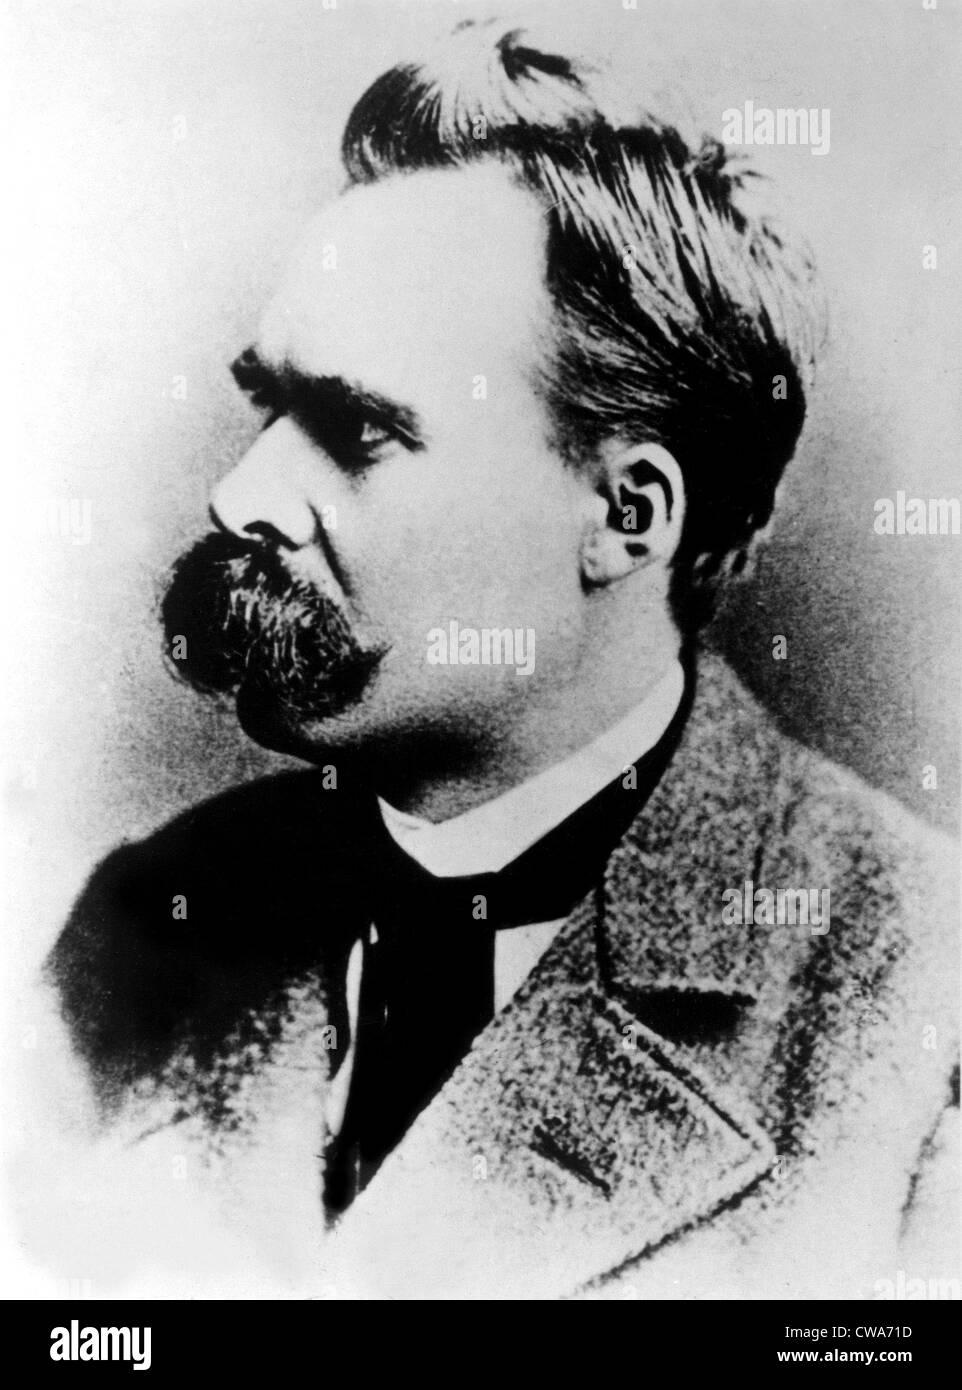 Friedrich Nietzsche, deutscher Philosoph des 19. Jahrhunderts, ca. 1887. Stockfoto